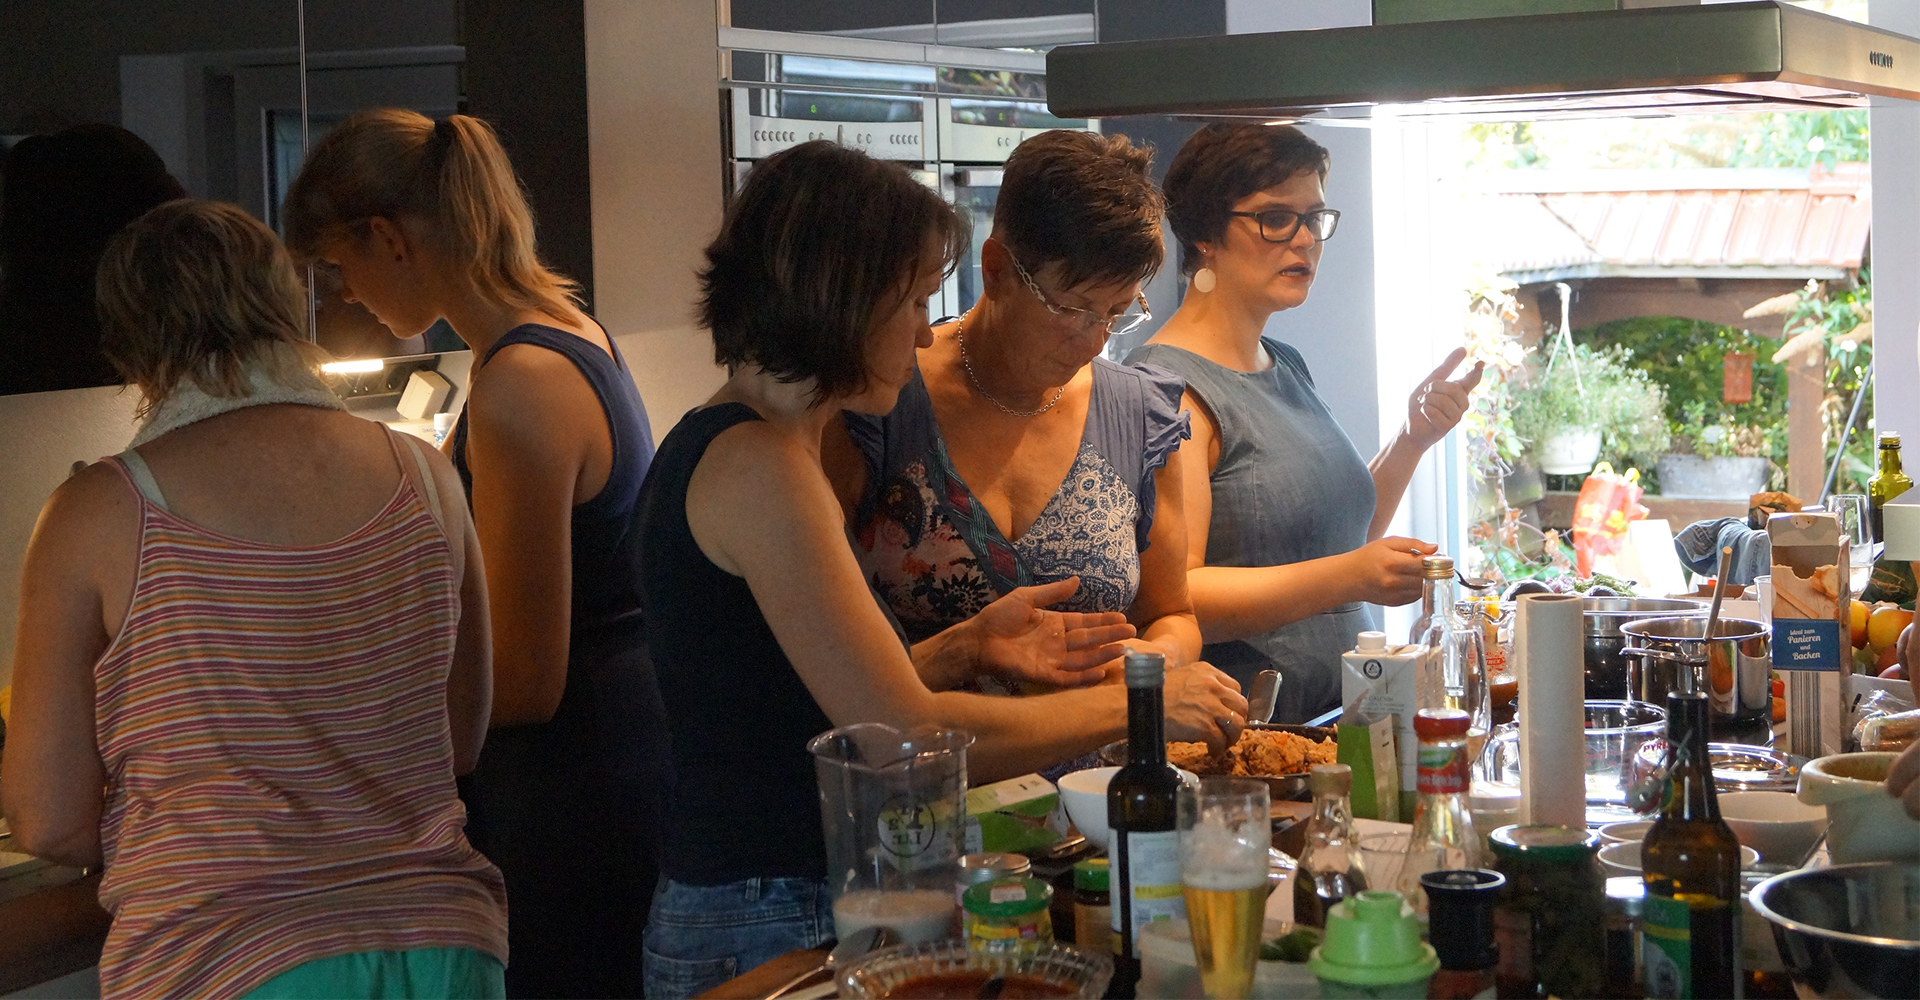 Das vegane (nicht kommerzielle) Bio-Koch-Event